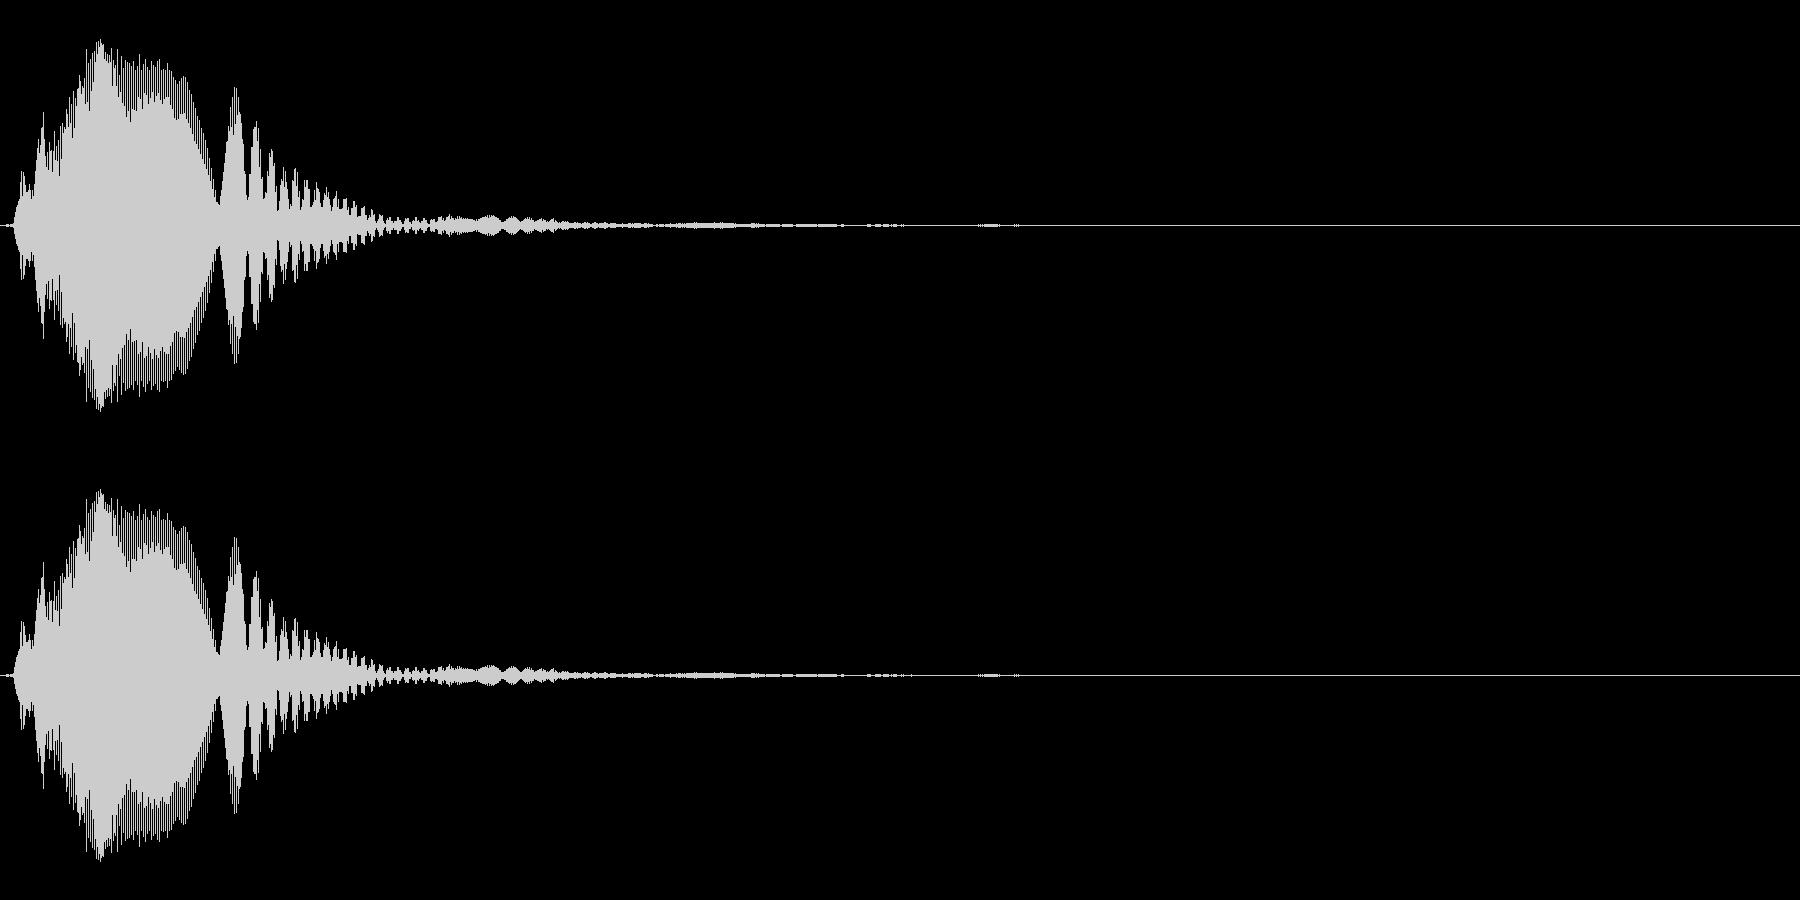 ボタン/クリック(チッとホゥンの合成音)の未再生の波形